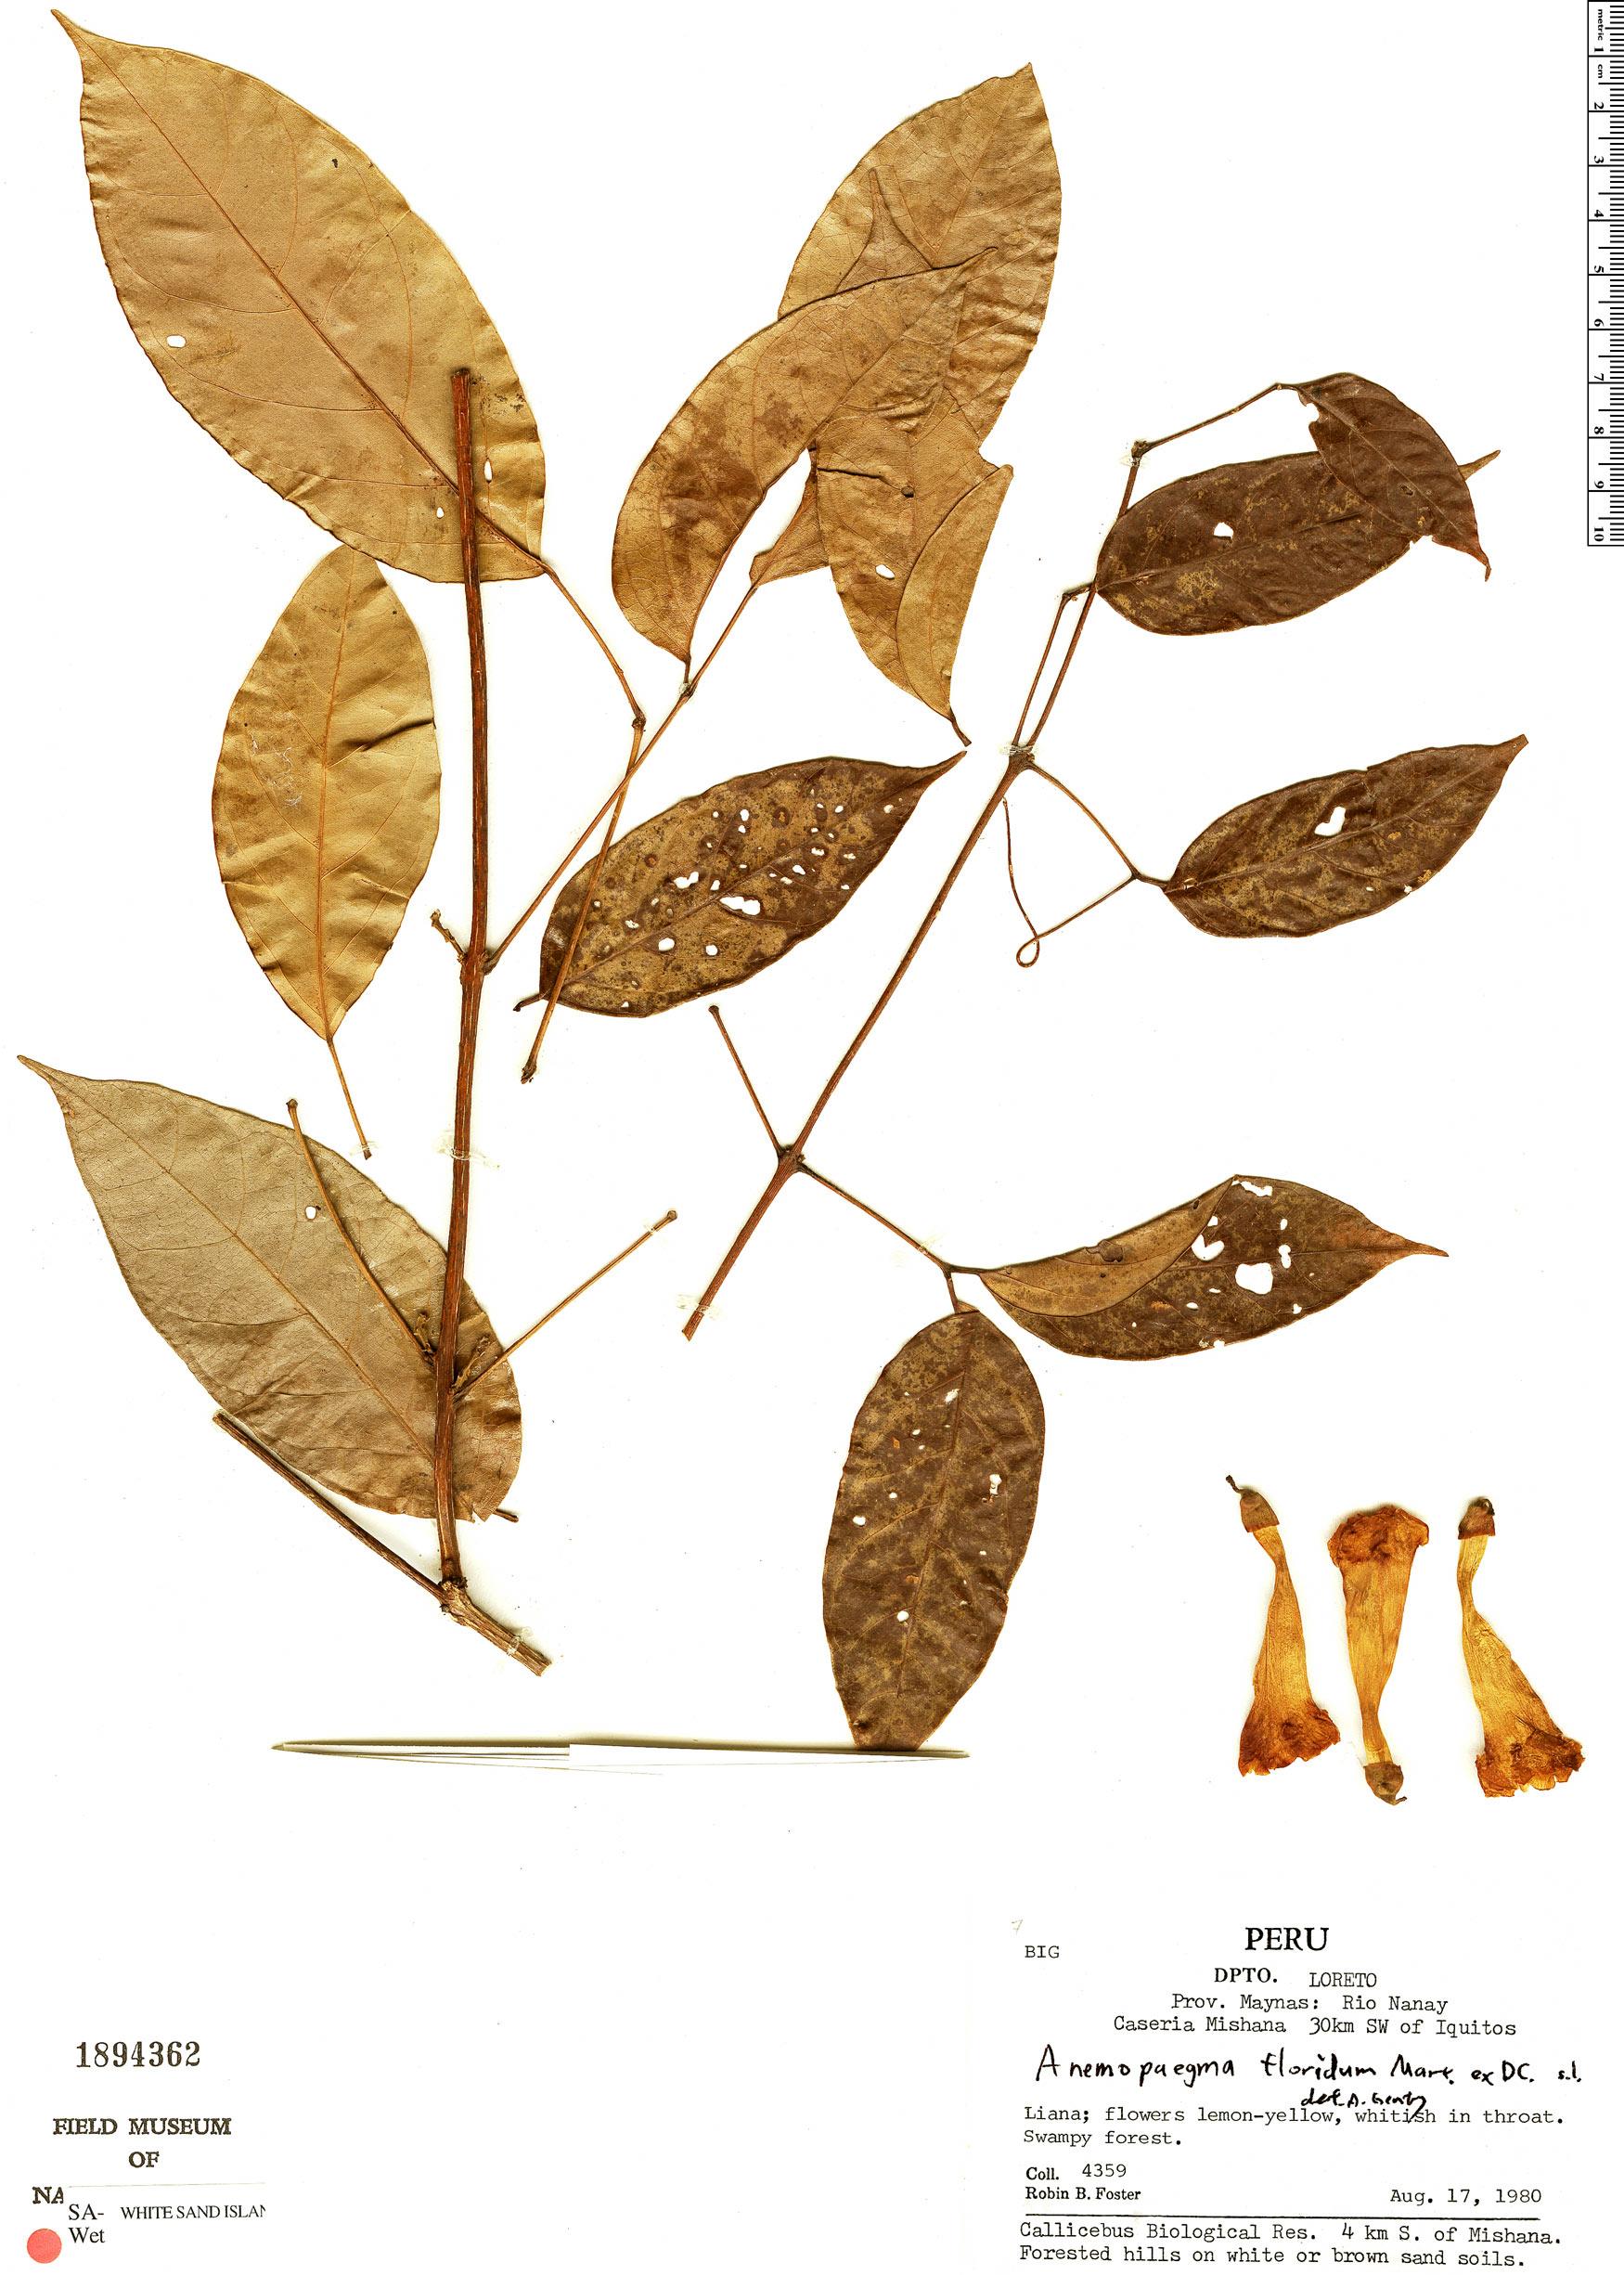 Specimen: Anemopaegma floridum